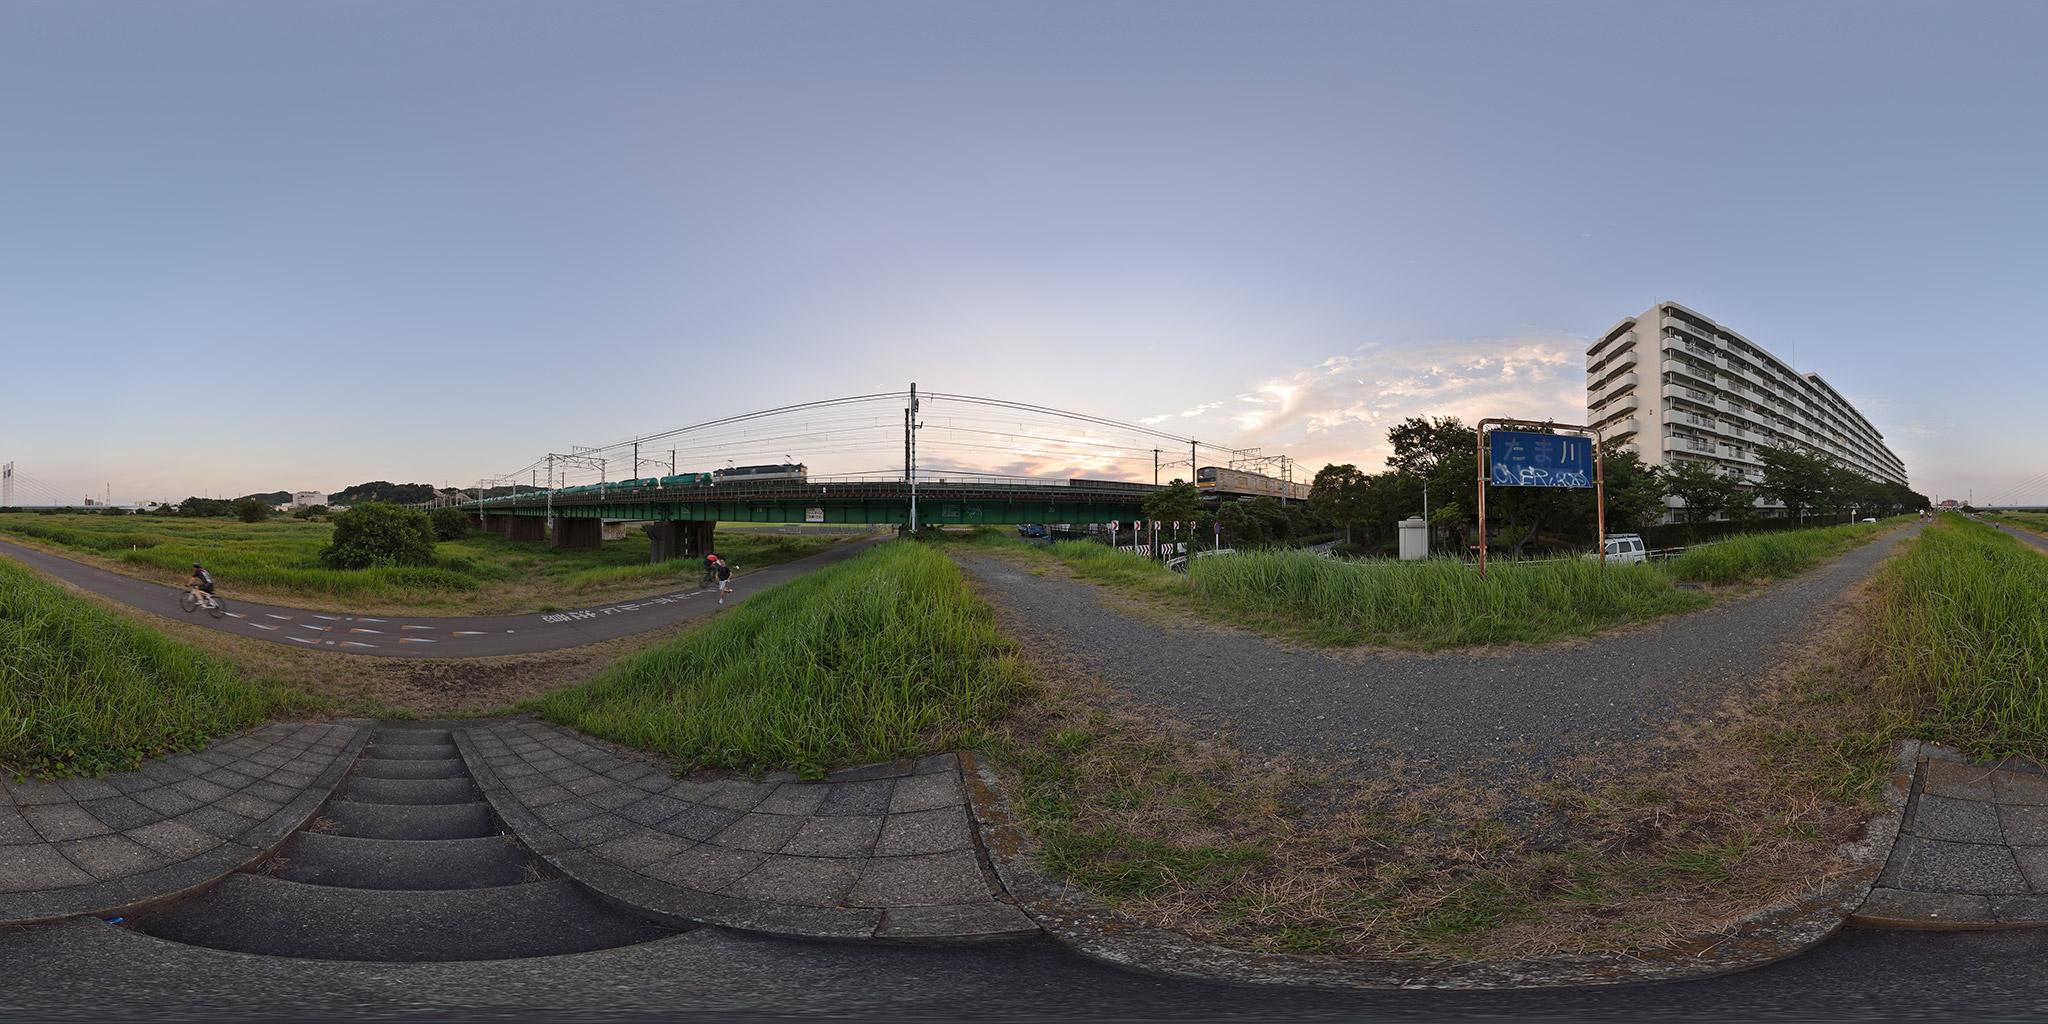 多摩川橋梁を渡る南武線205系と武蔵野貨物線